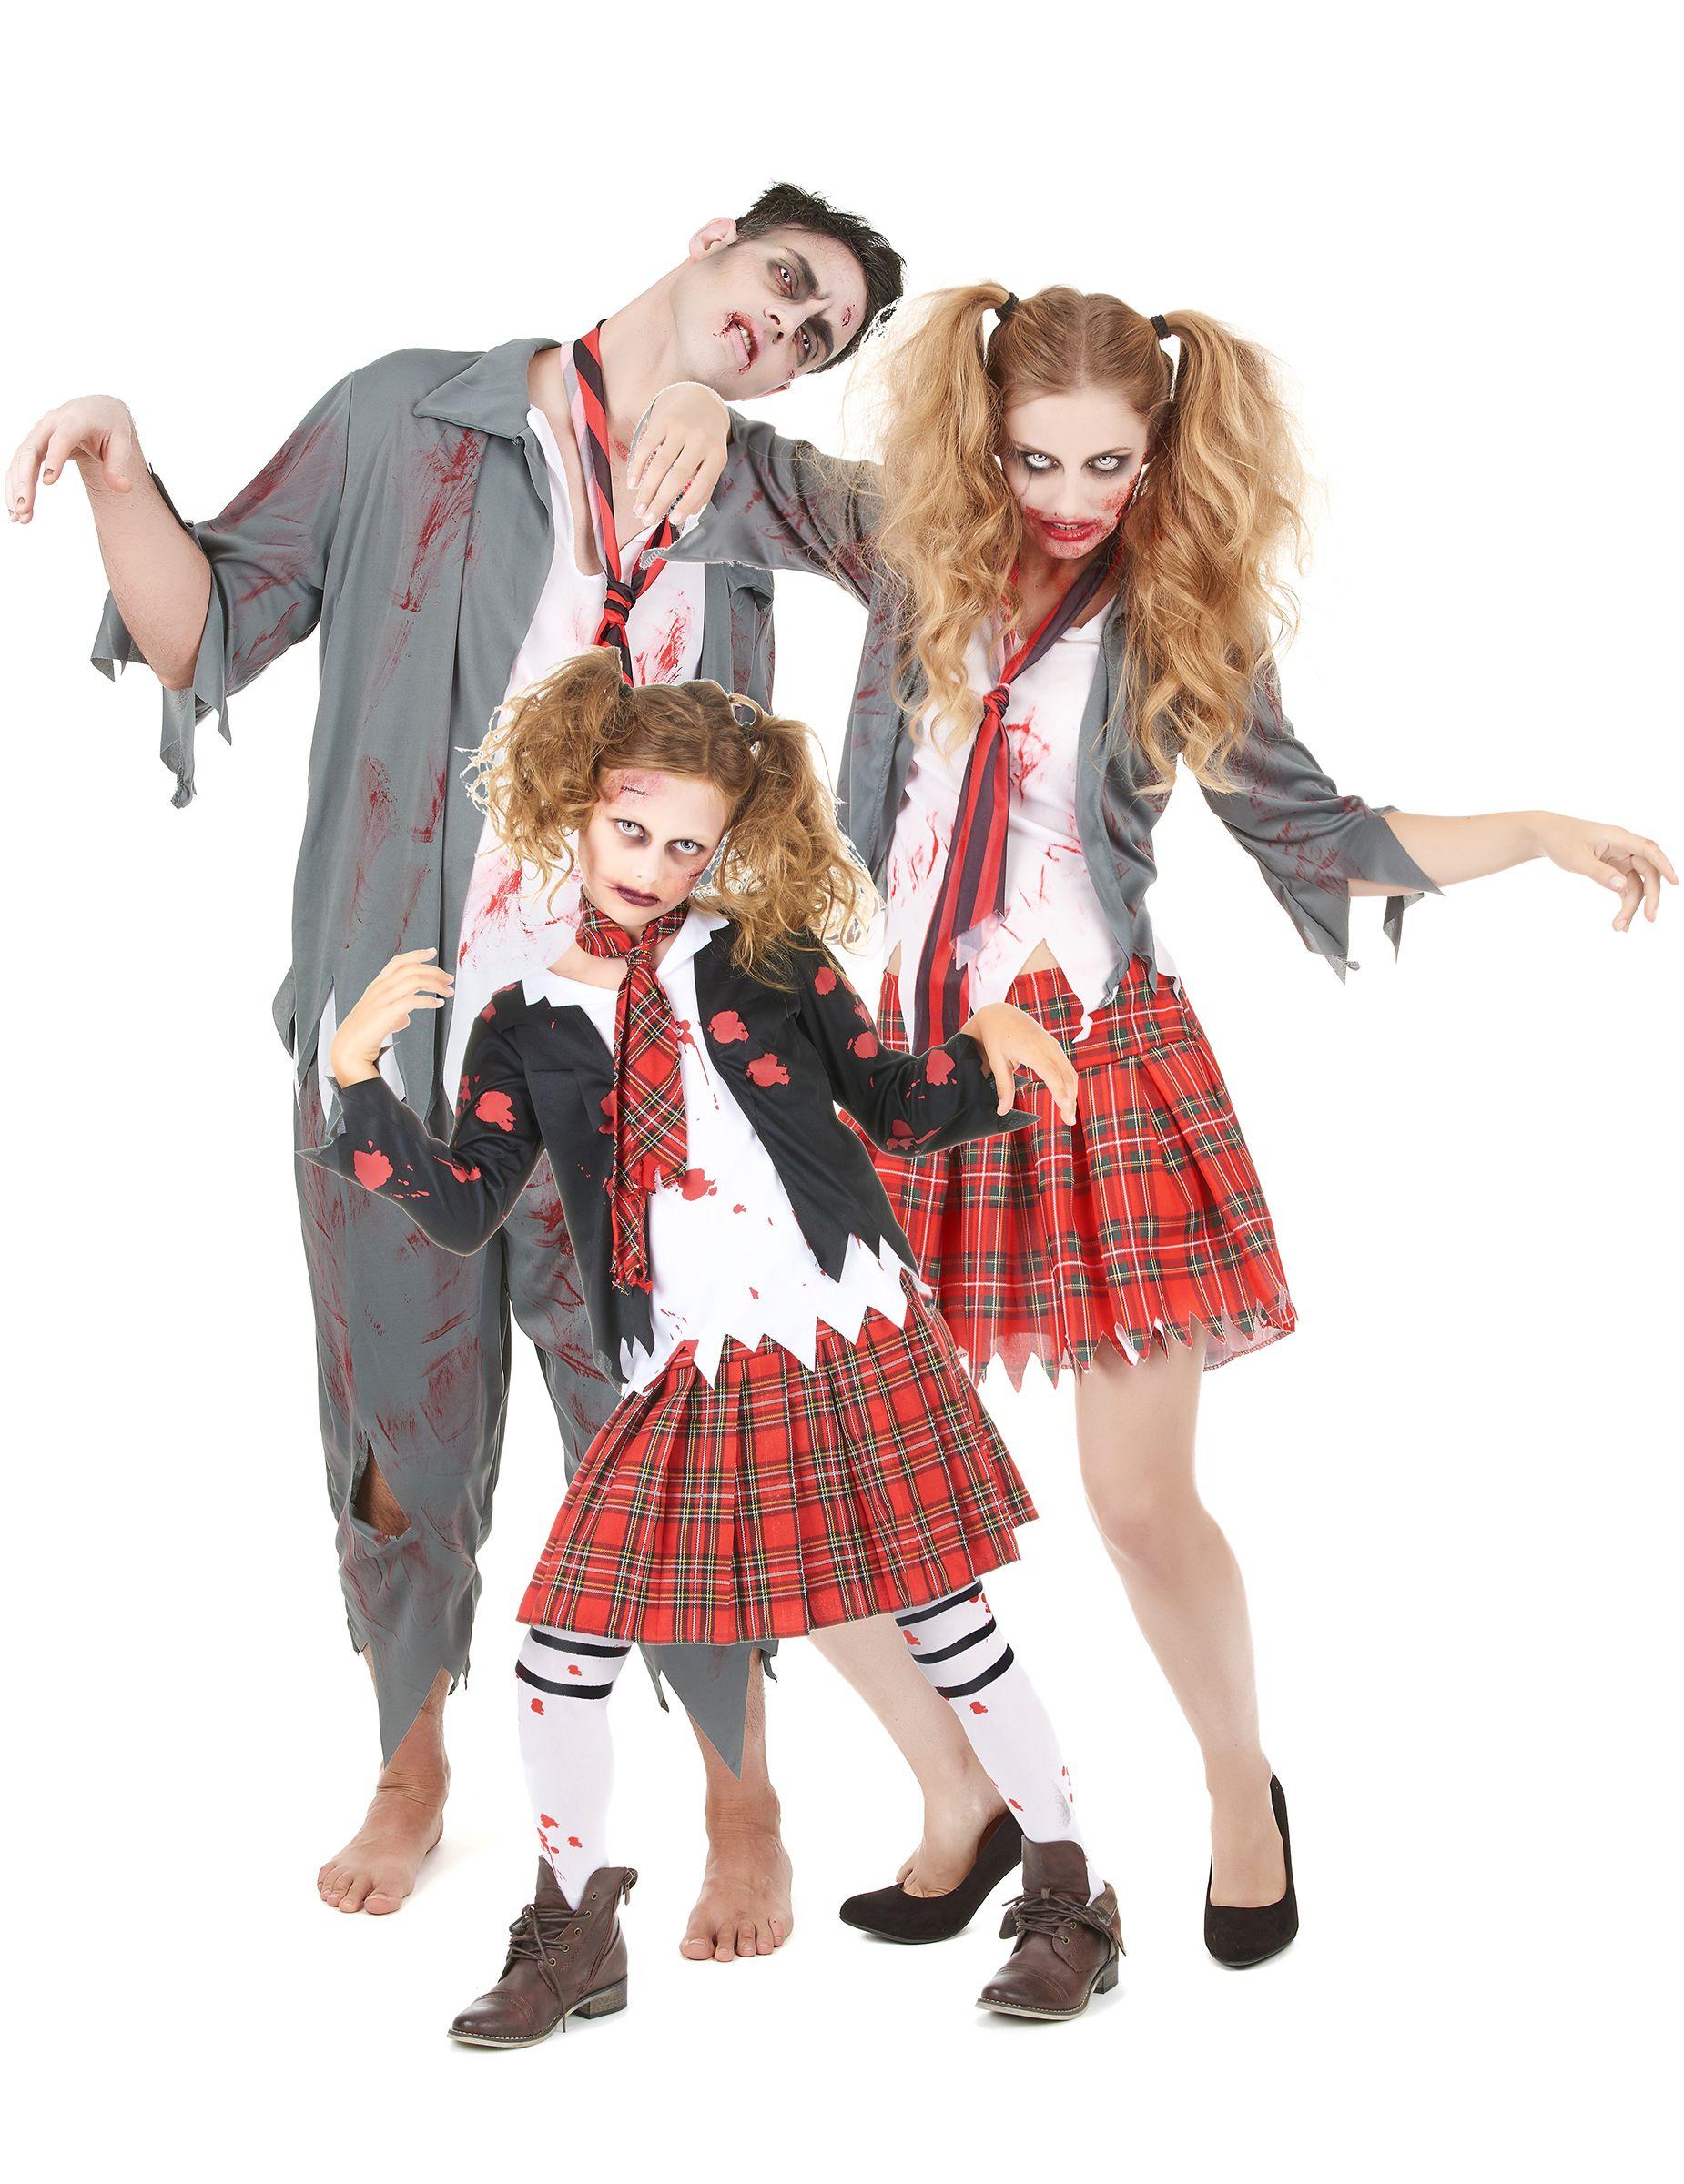 Zombie Girl Halloween Effrayant sorcière robe fantaisie La zombets costume de poupée tenue